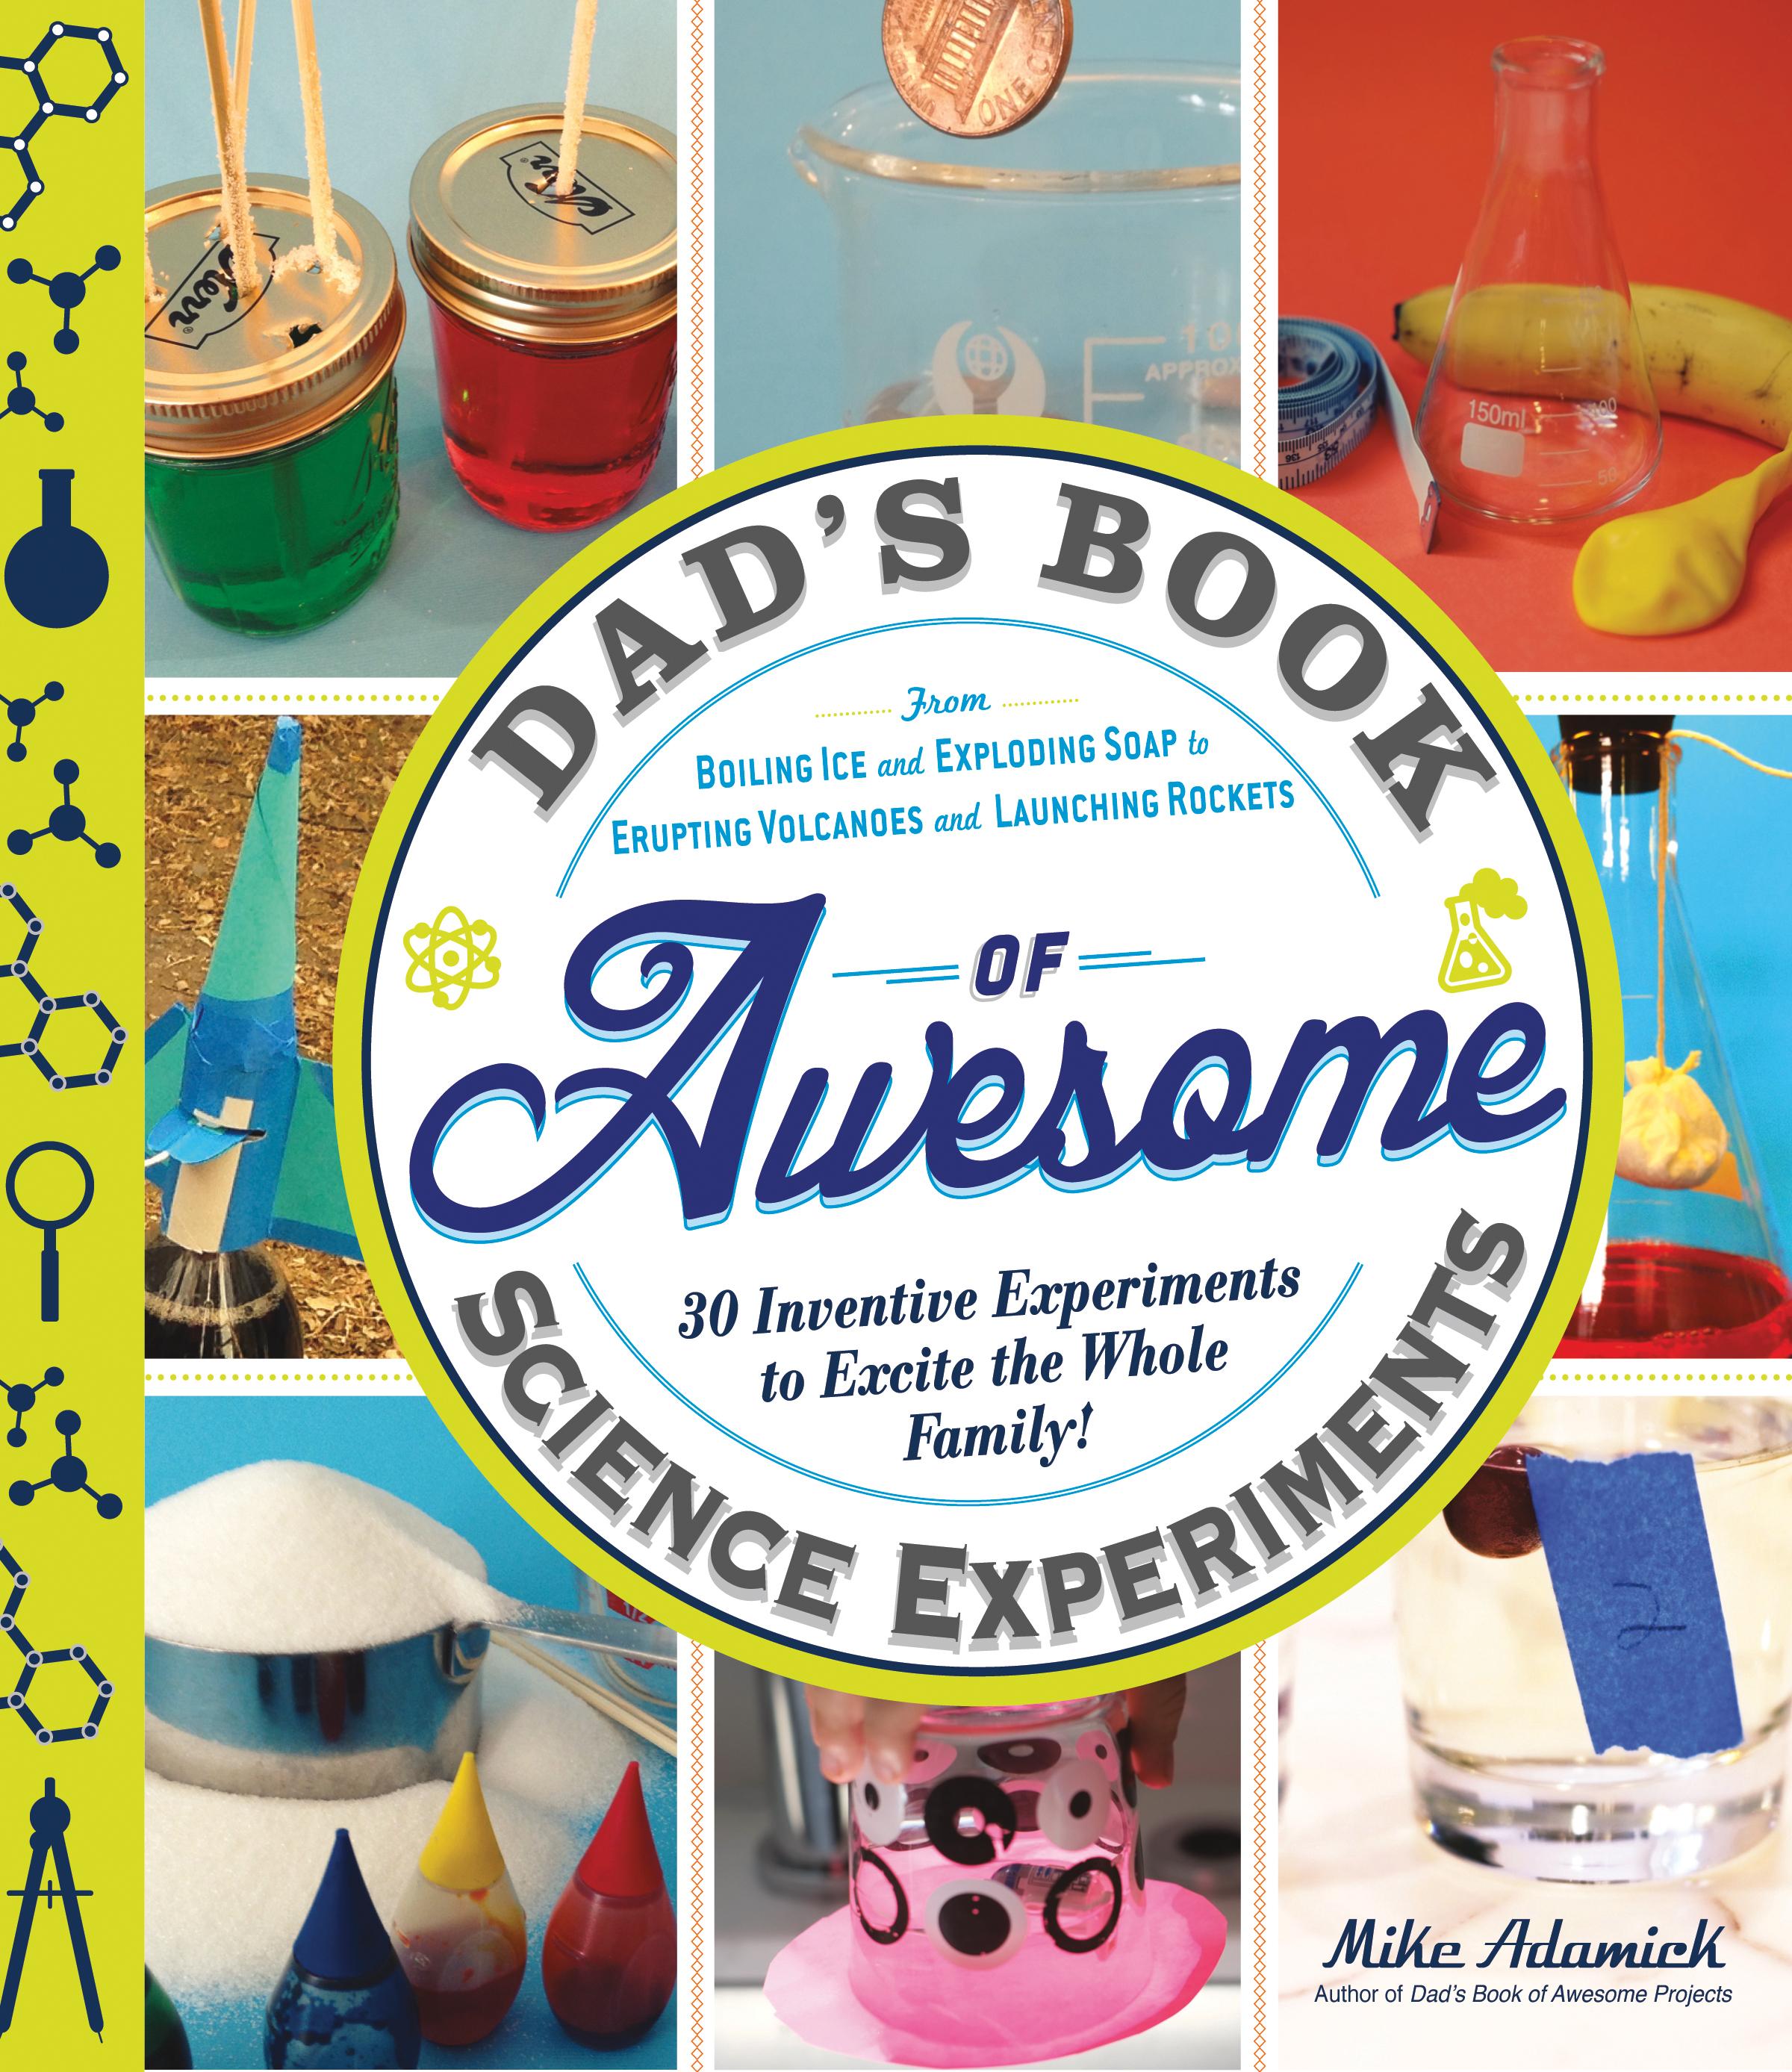 Win, contest, book, science experiments for kids, dad blog, daddy blogger, socialdad, socialdad.ca, yvr blogger, canada dads,